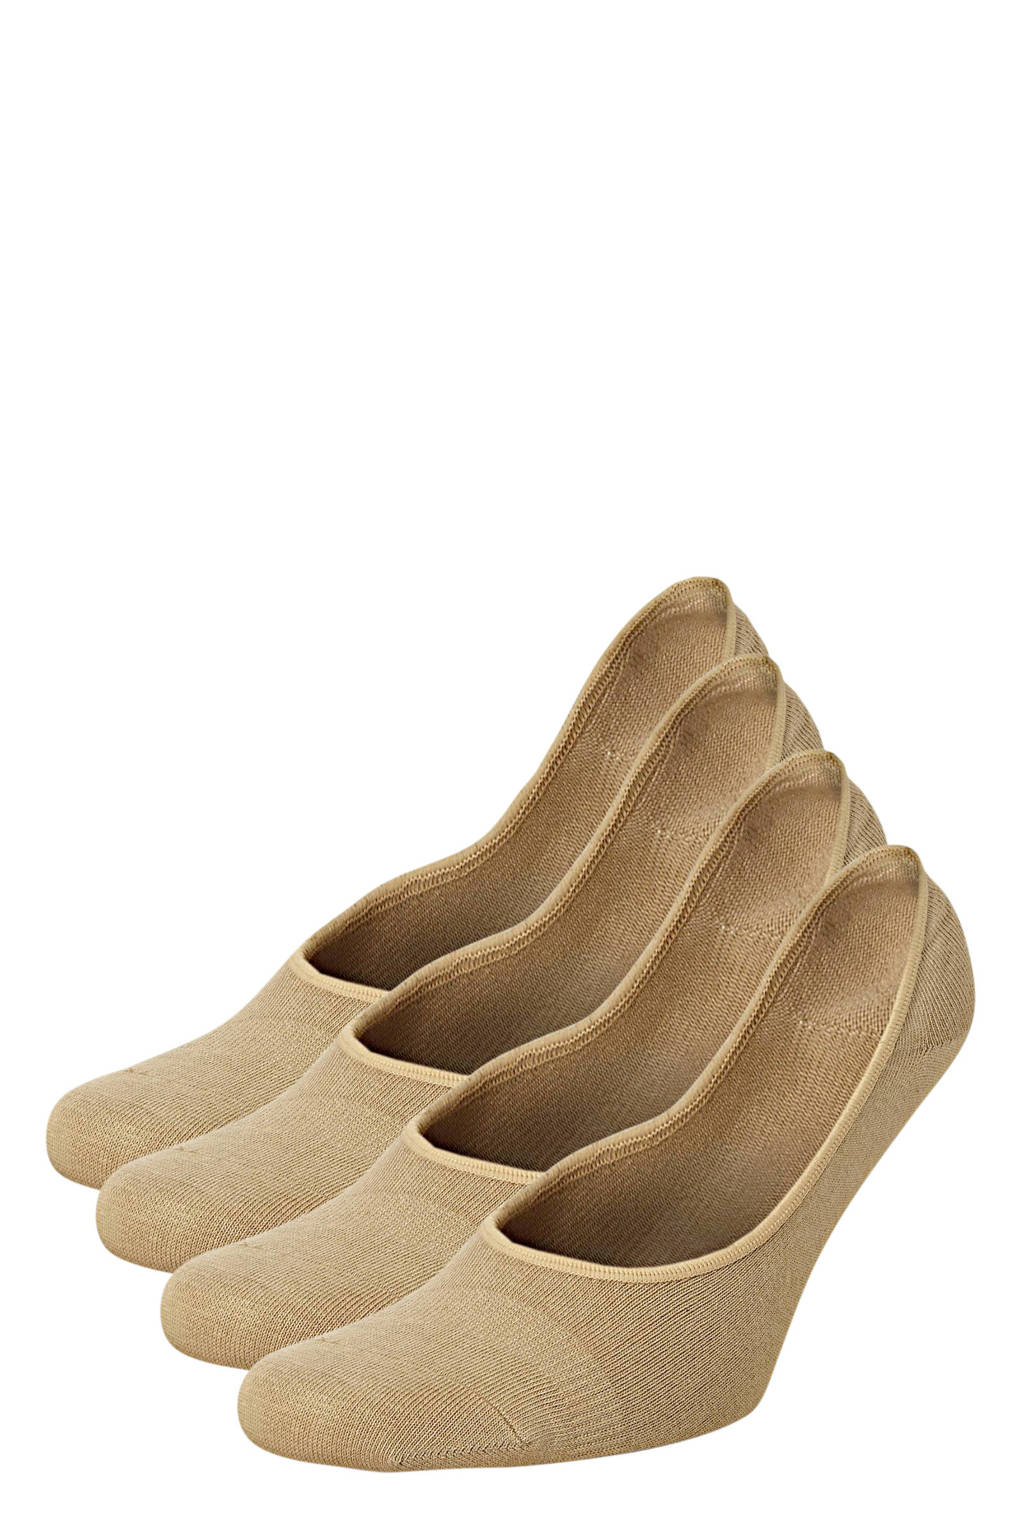 Alfredo Gonzales no-show sokken - set van 4 beige, Beige